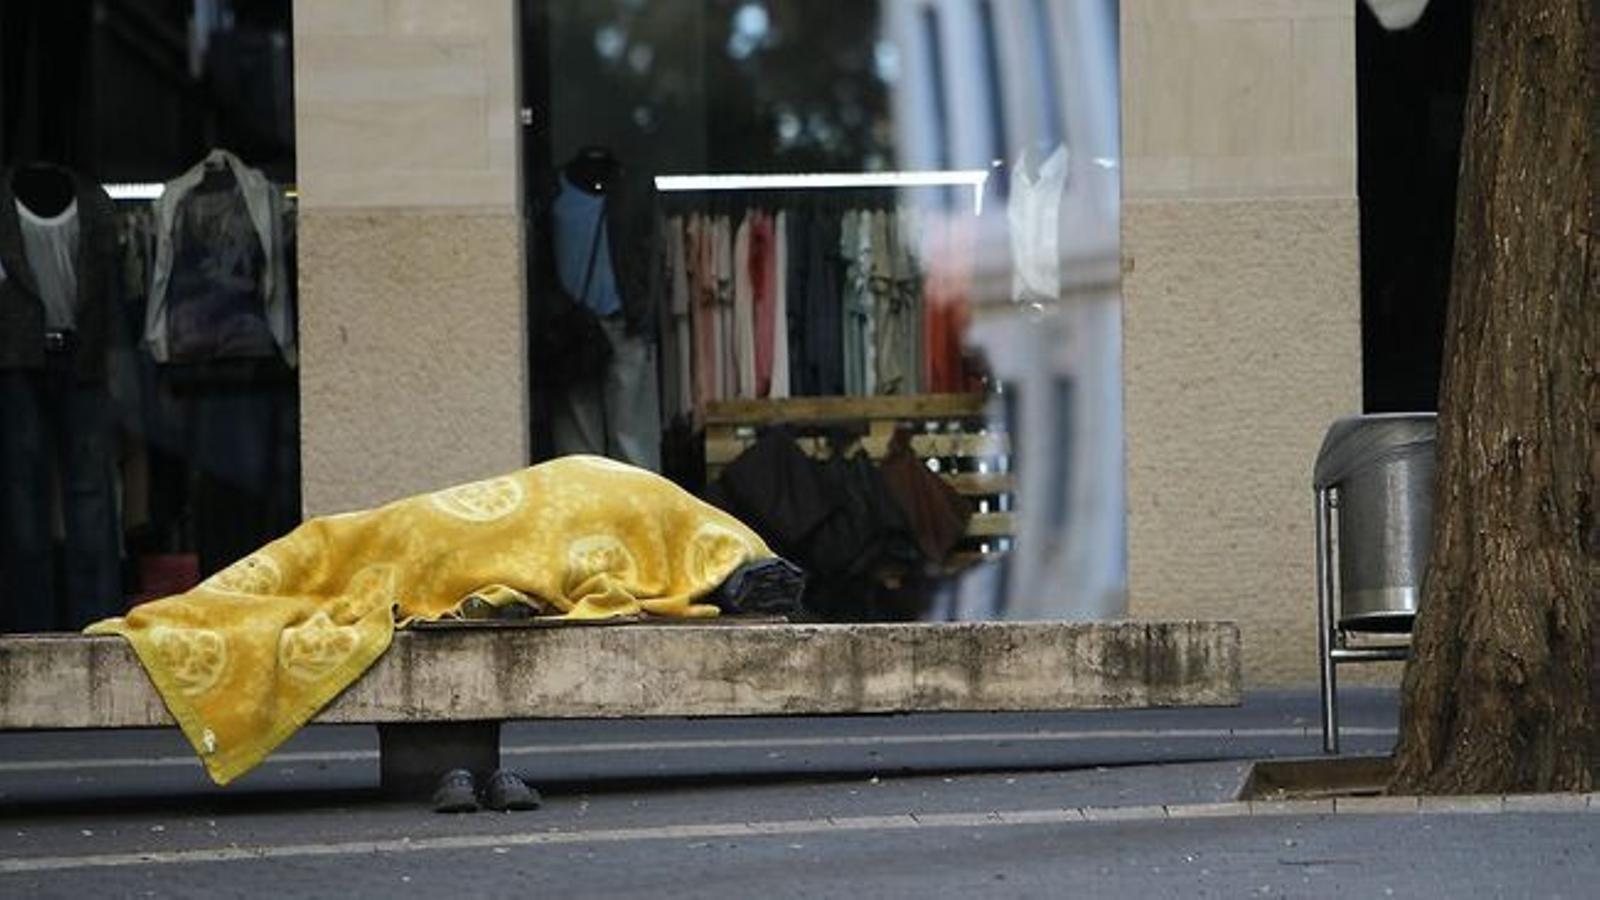 Una persona sense sostre dorm en un banc d'un carrer de Palma.